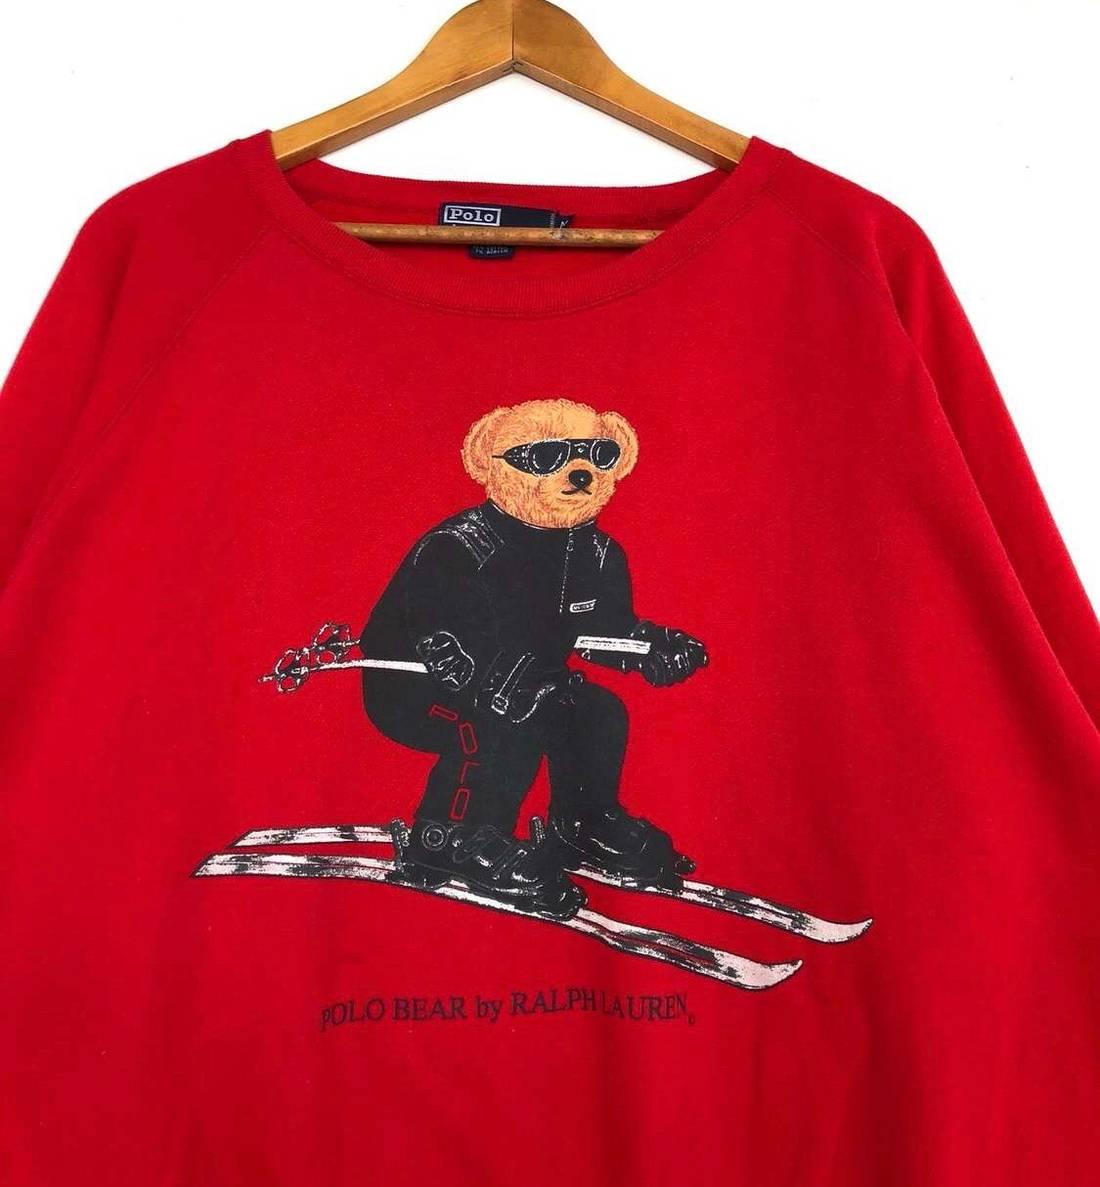 69b830259ed10 Polo Ralph Lauren Ski Bear Sweater